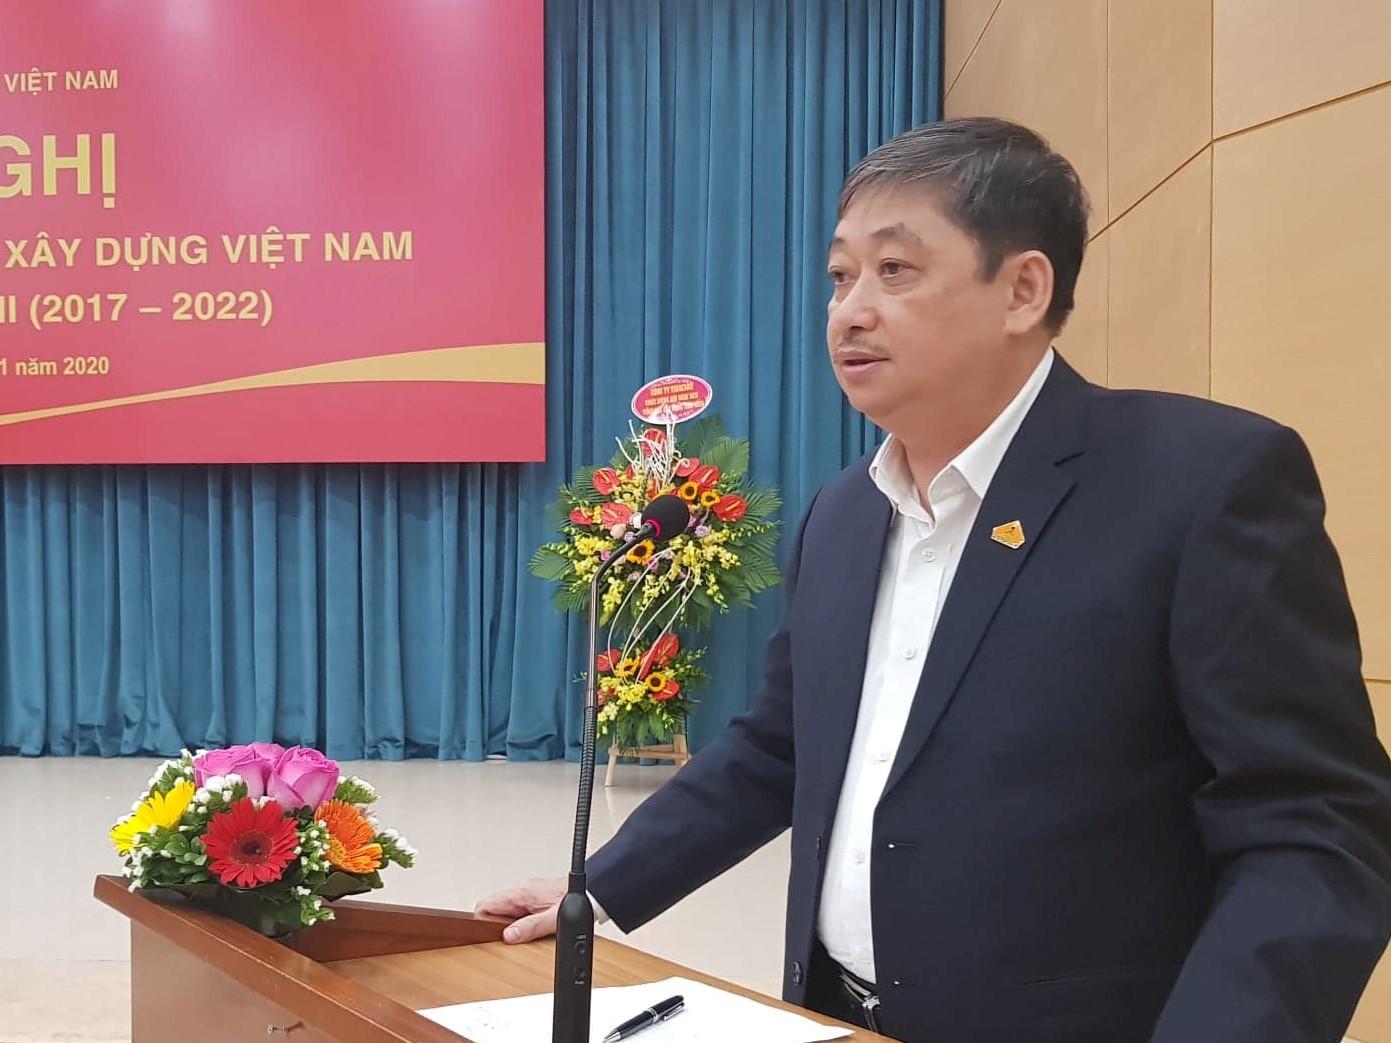 Tổng hội Xây dựng Việt Nam tiếp tục đóng góp sức mình vào mục tiêu phát triển đất nước